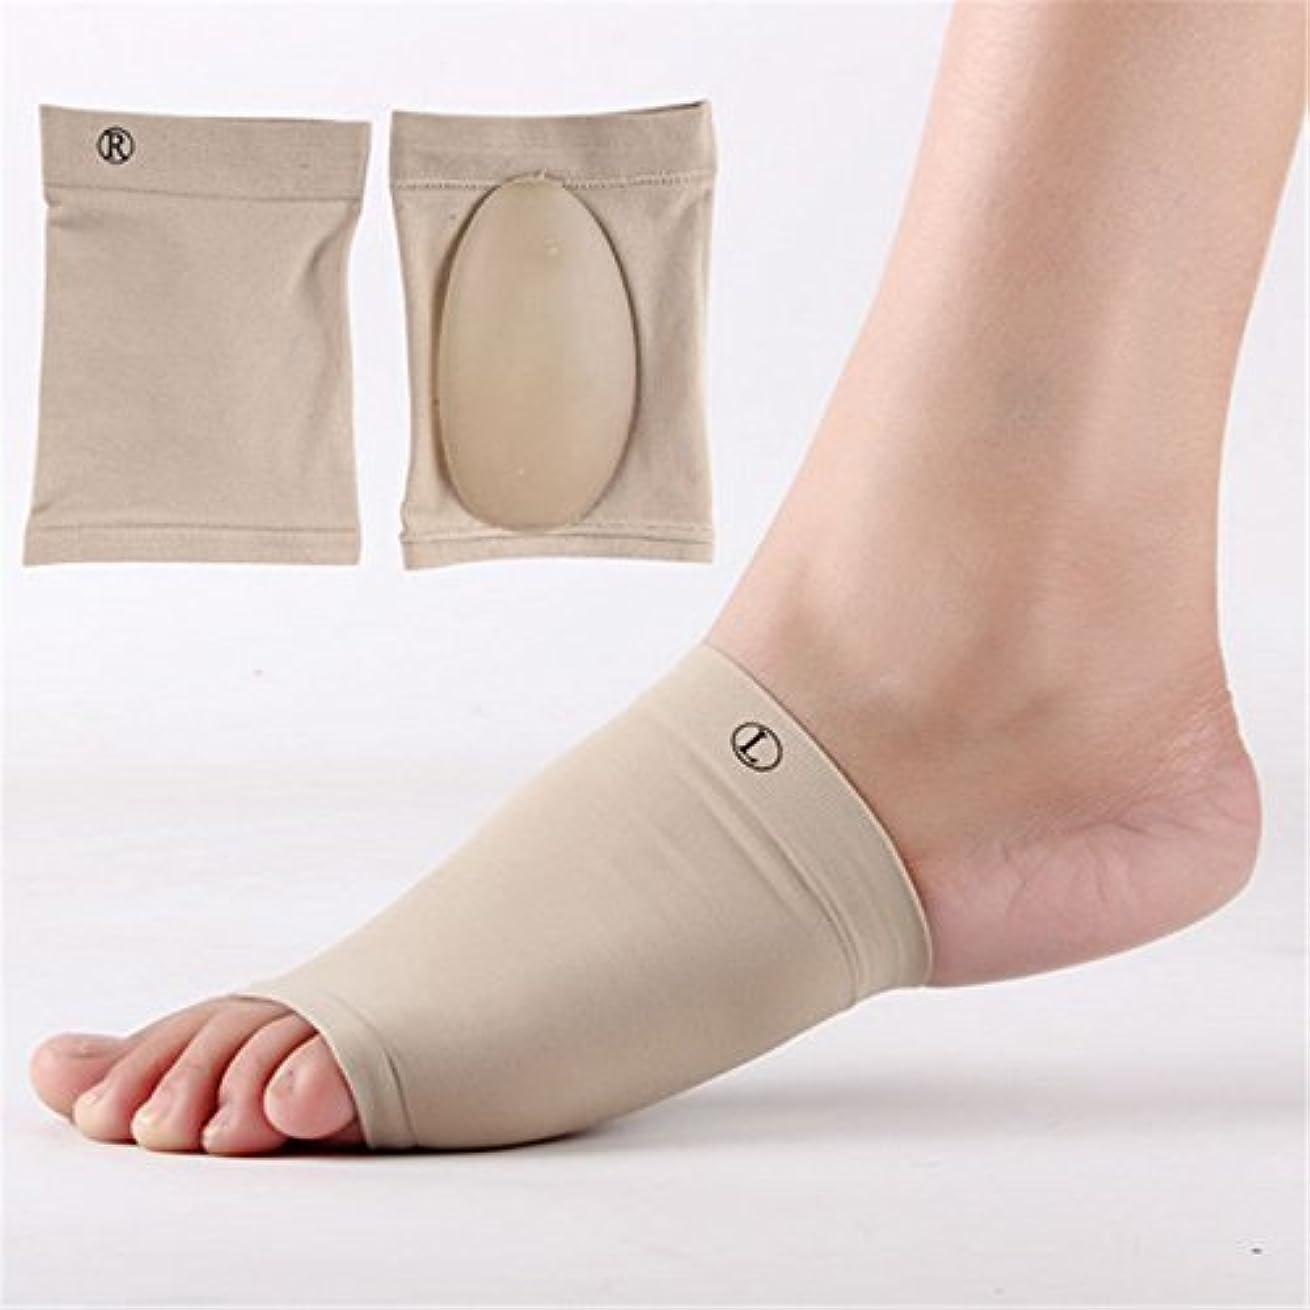 特別に慣習考えたLorny(TM)1Pairジェル足底筋膜炎アーチサポートスリーブアーチソックスかかとクッションフラット足の整形外科靴パッドフットケア [並行輸入品]